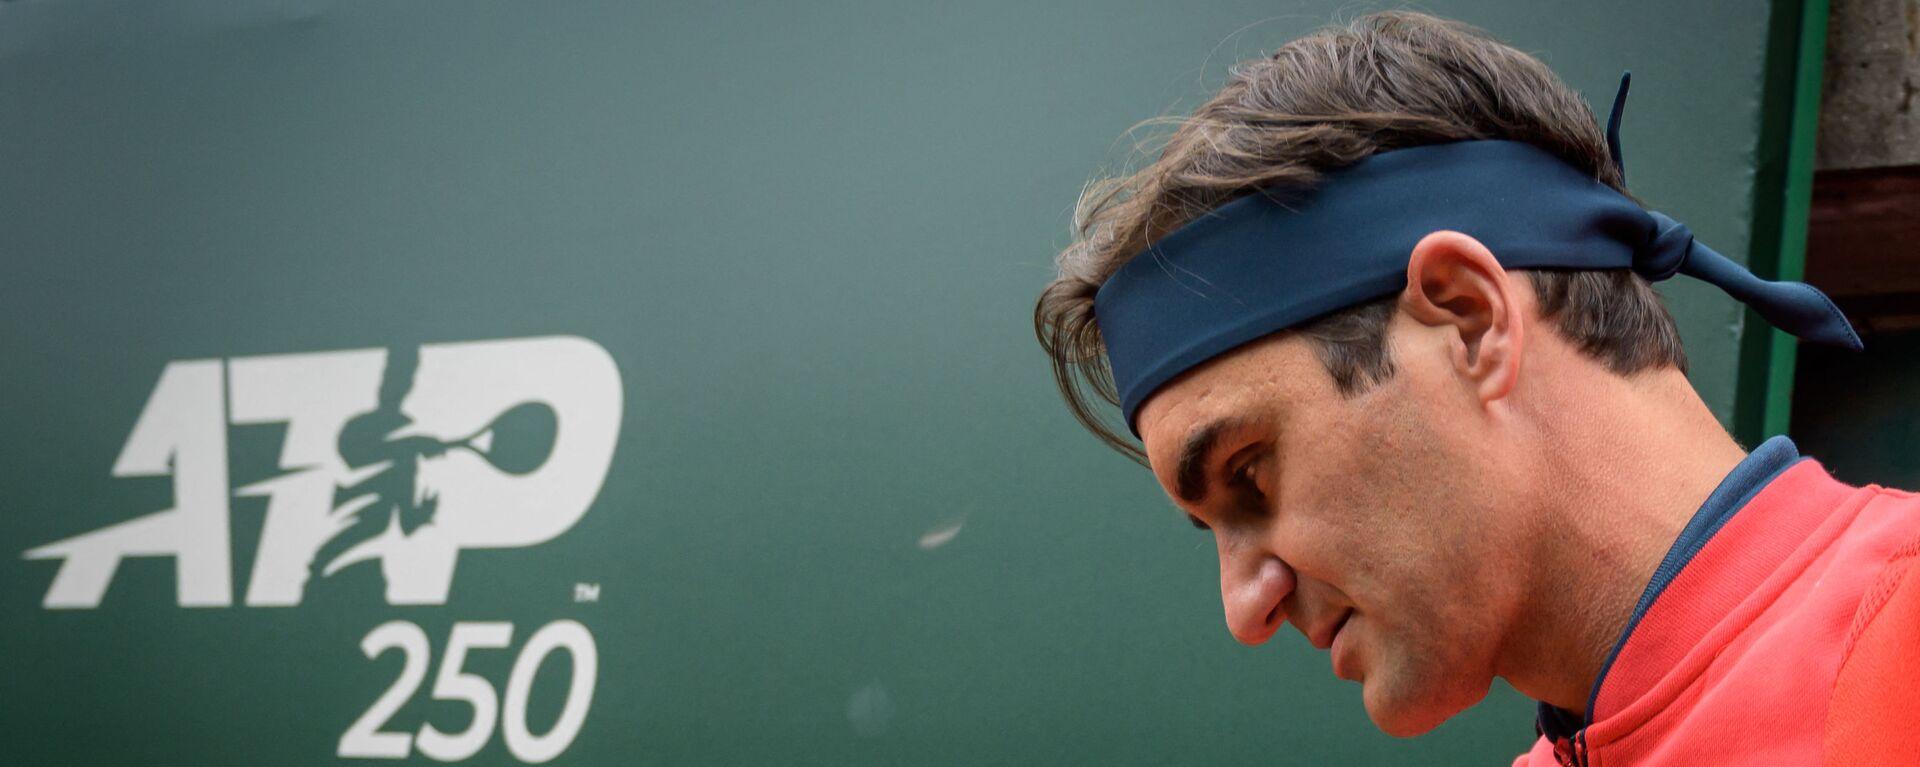 Rodžer Federer na turniru u Ženevi - Sputnik Srbija, 1920, 15.08.2021